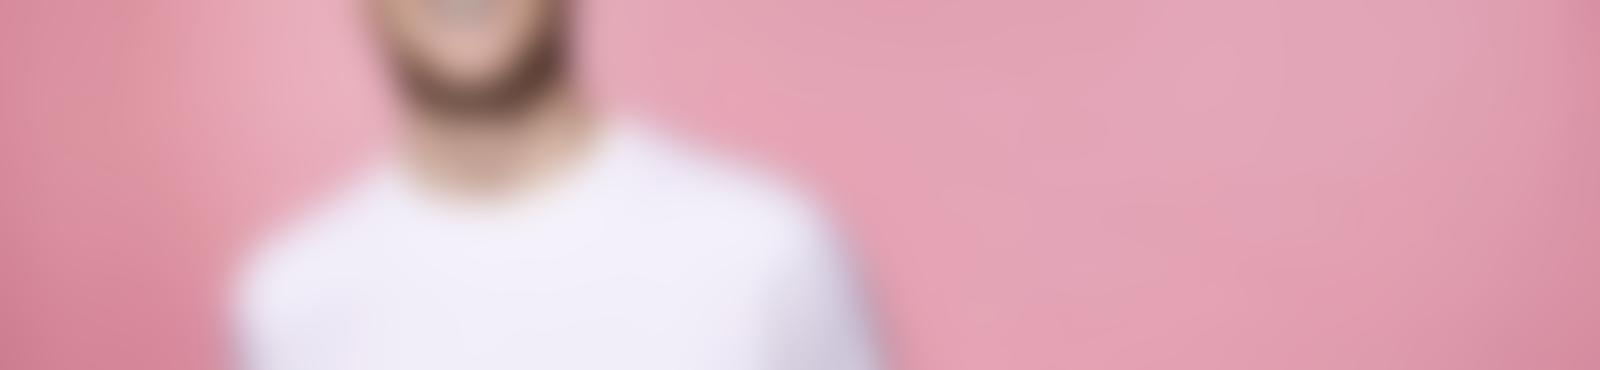 Blurred f5d4571b a95d 4d08 baf9 c791e52fb62e